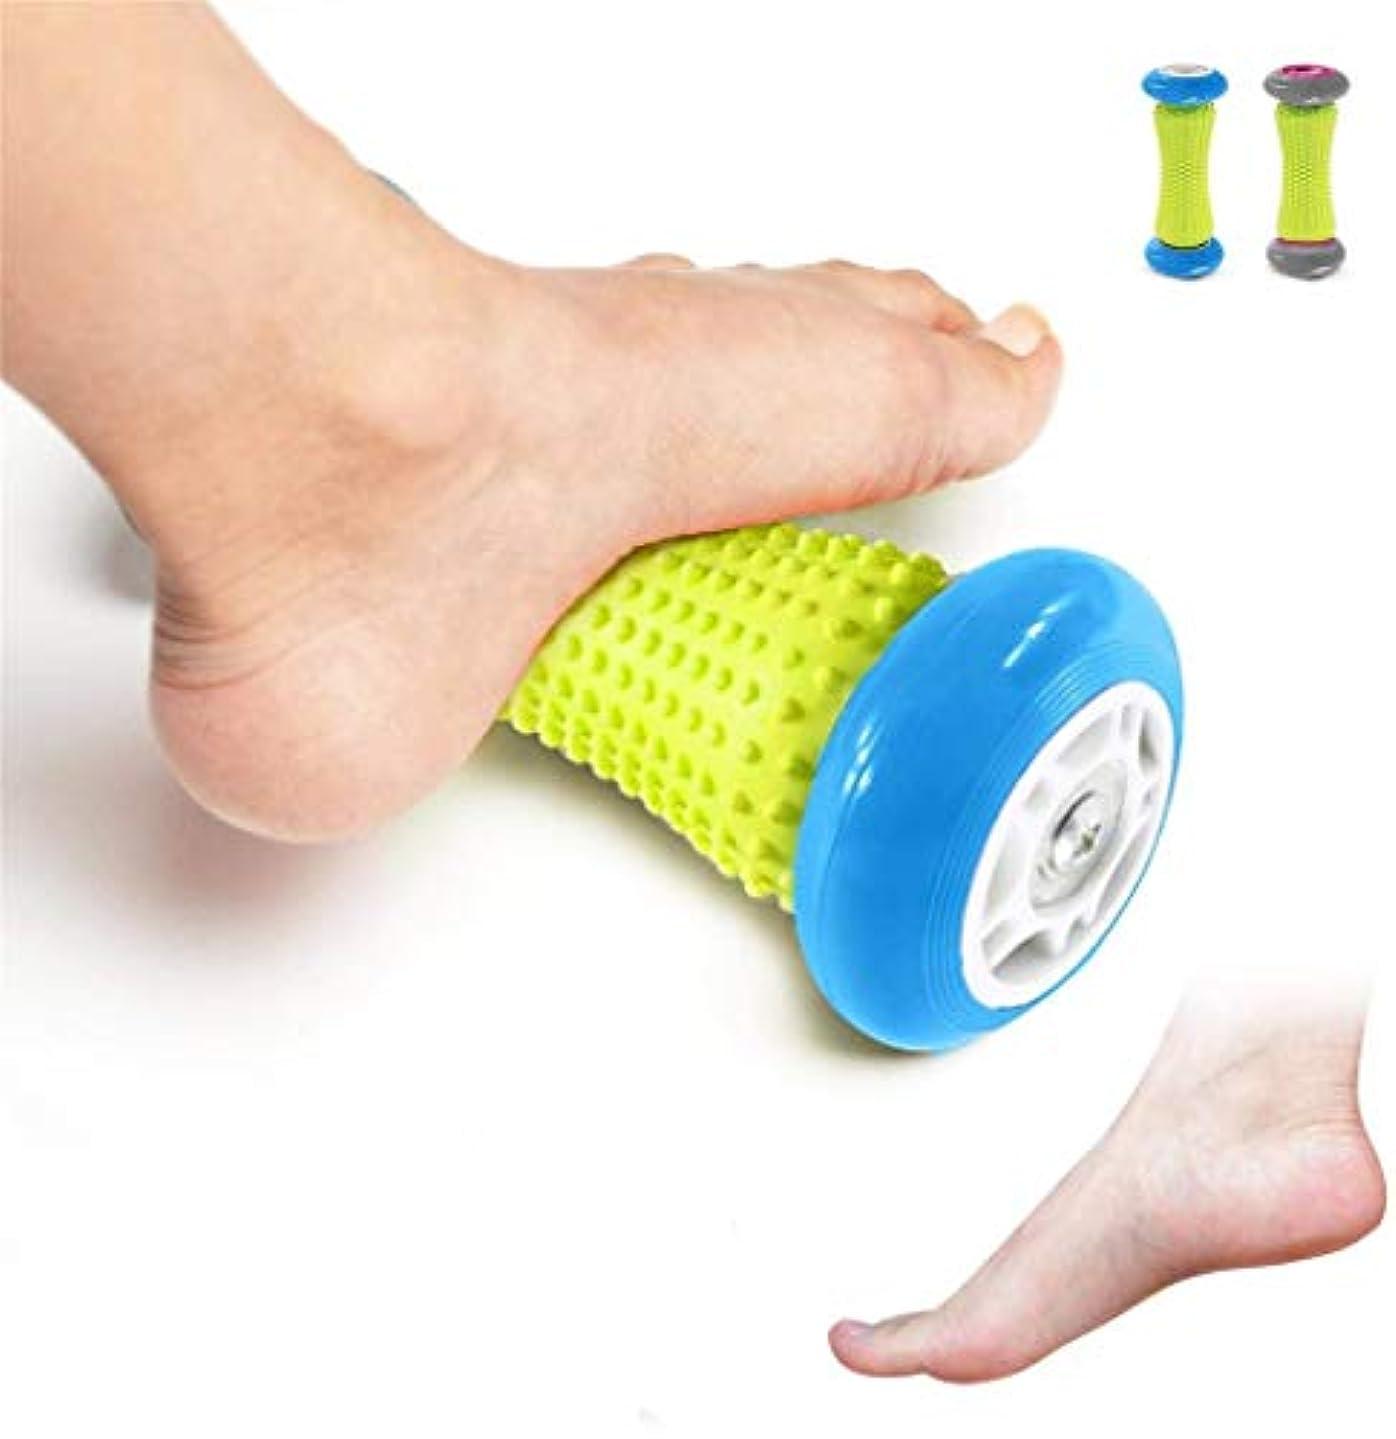 ローズ曲出会いフットマッサージローラー - 筋肉ローラースティック - 足底筋膜炎のための手首と前腕運動ローラー (Color : 青)